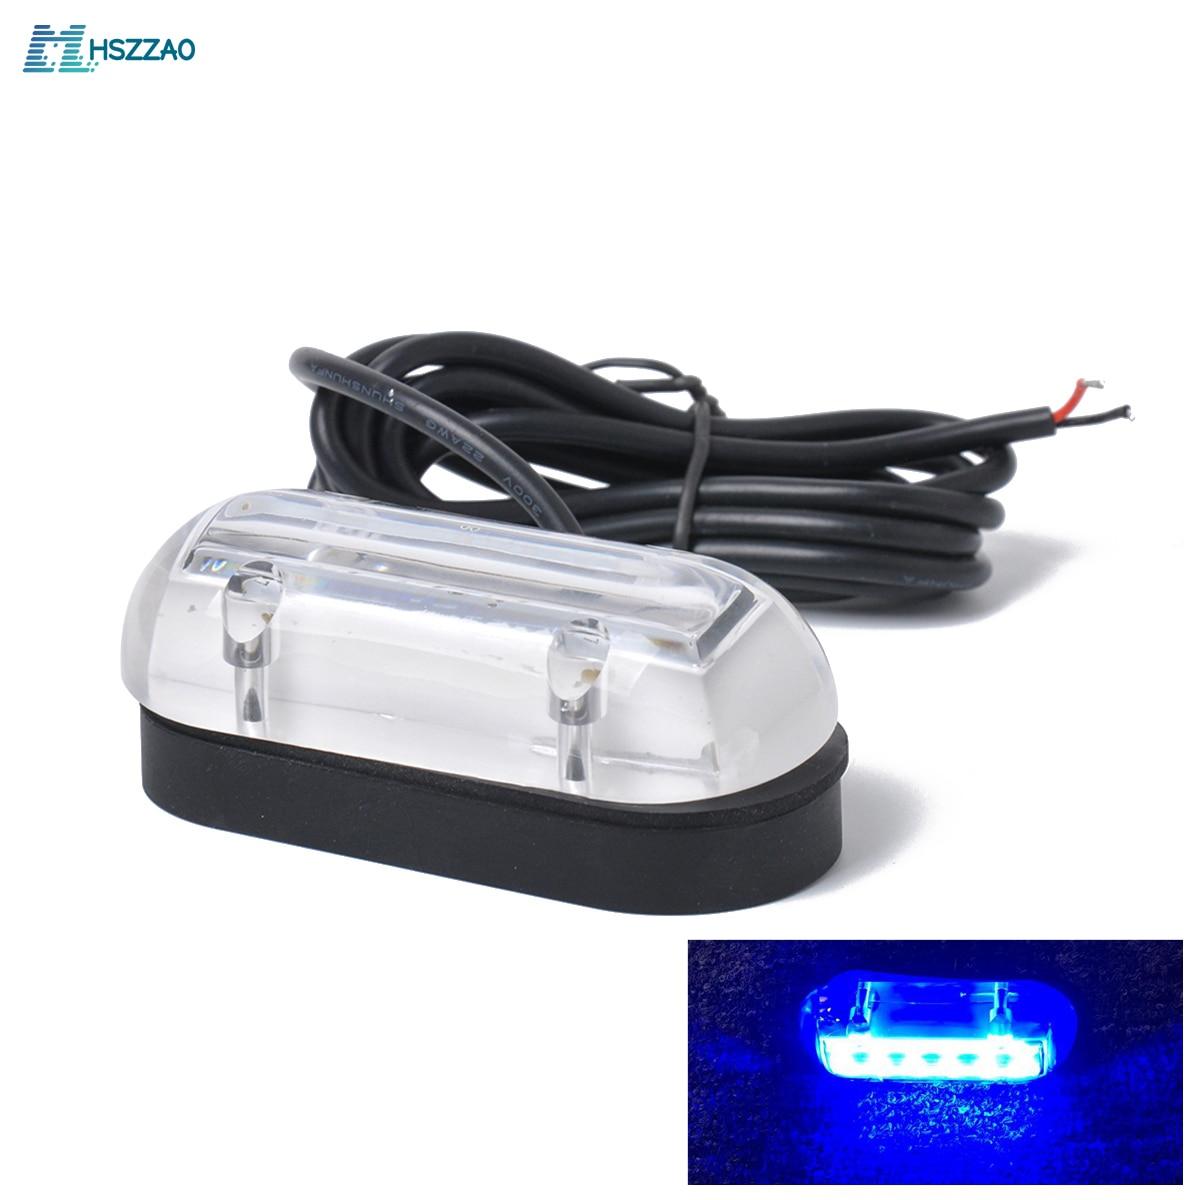 12V 6 светодиодный морской лодка подводный синий свет накладное освещение высокой интенсивности водонепроницаемый